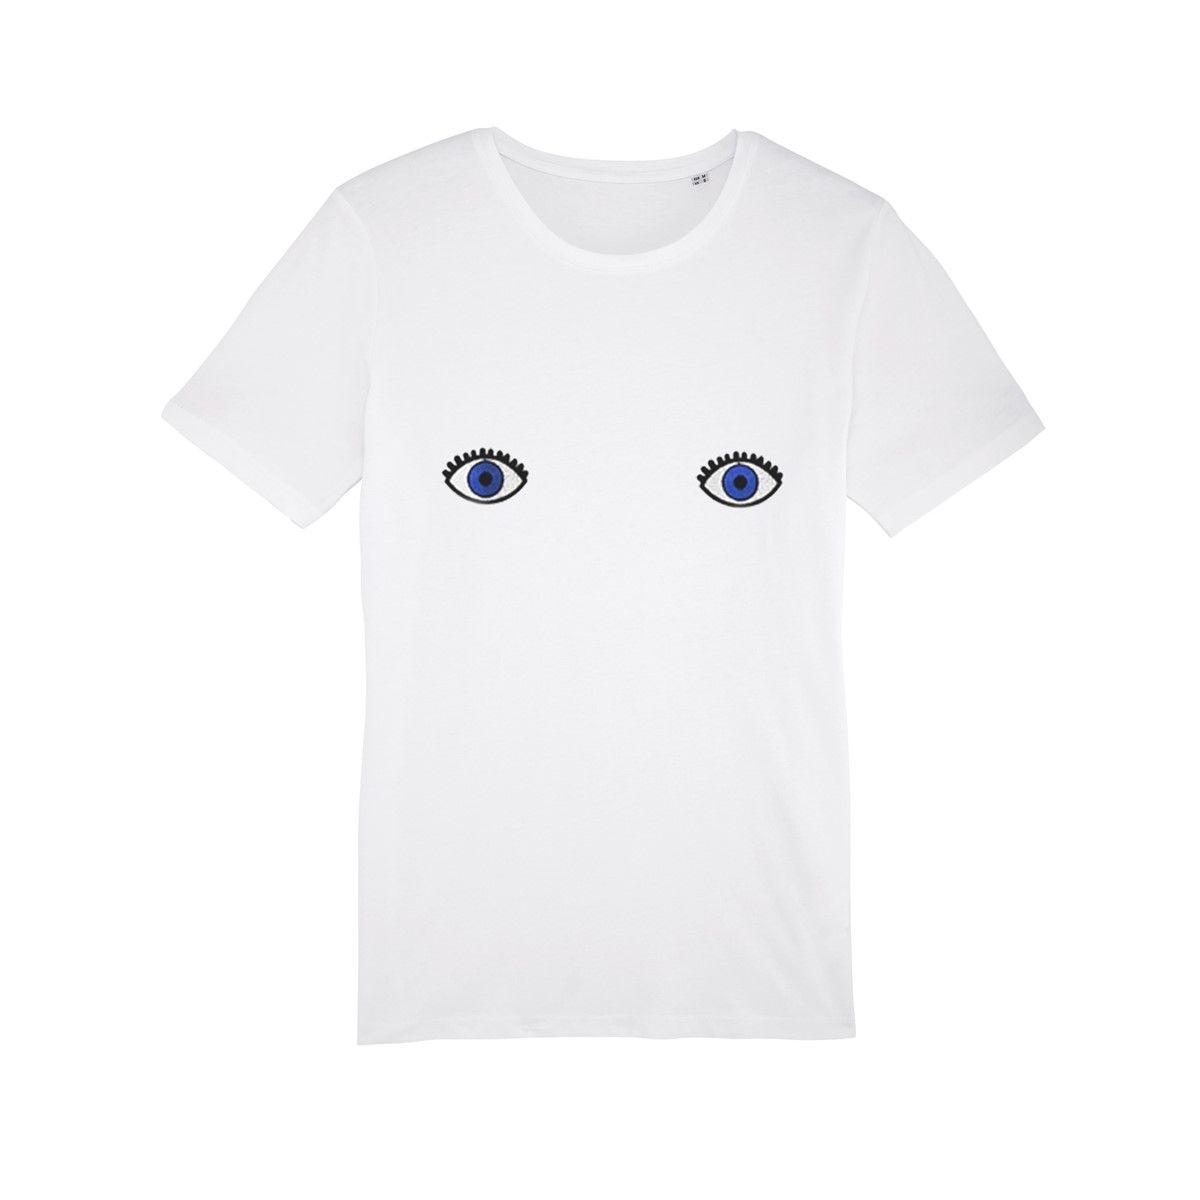 T-shirt femme en coton bio Yeux